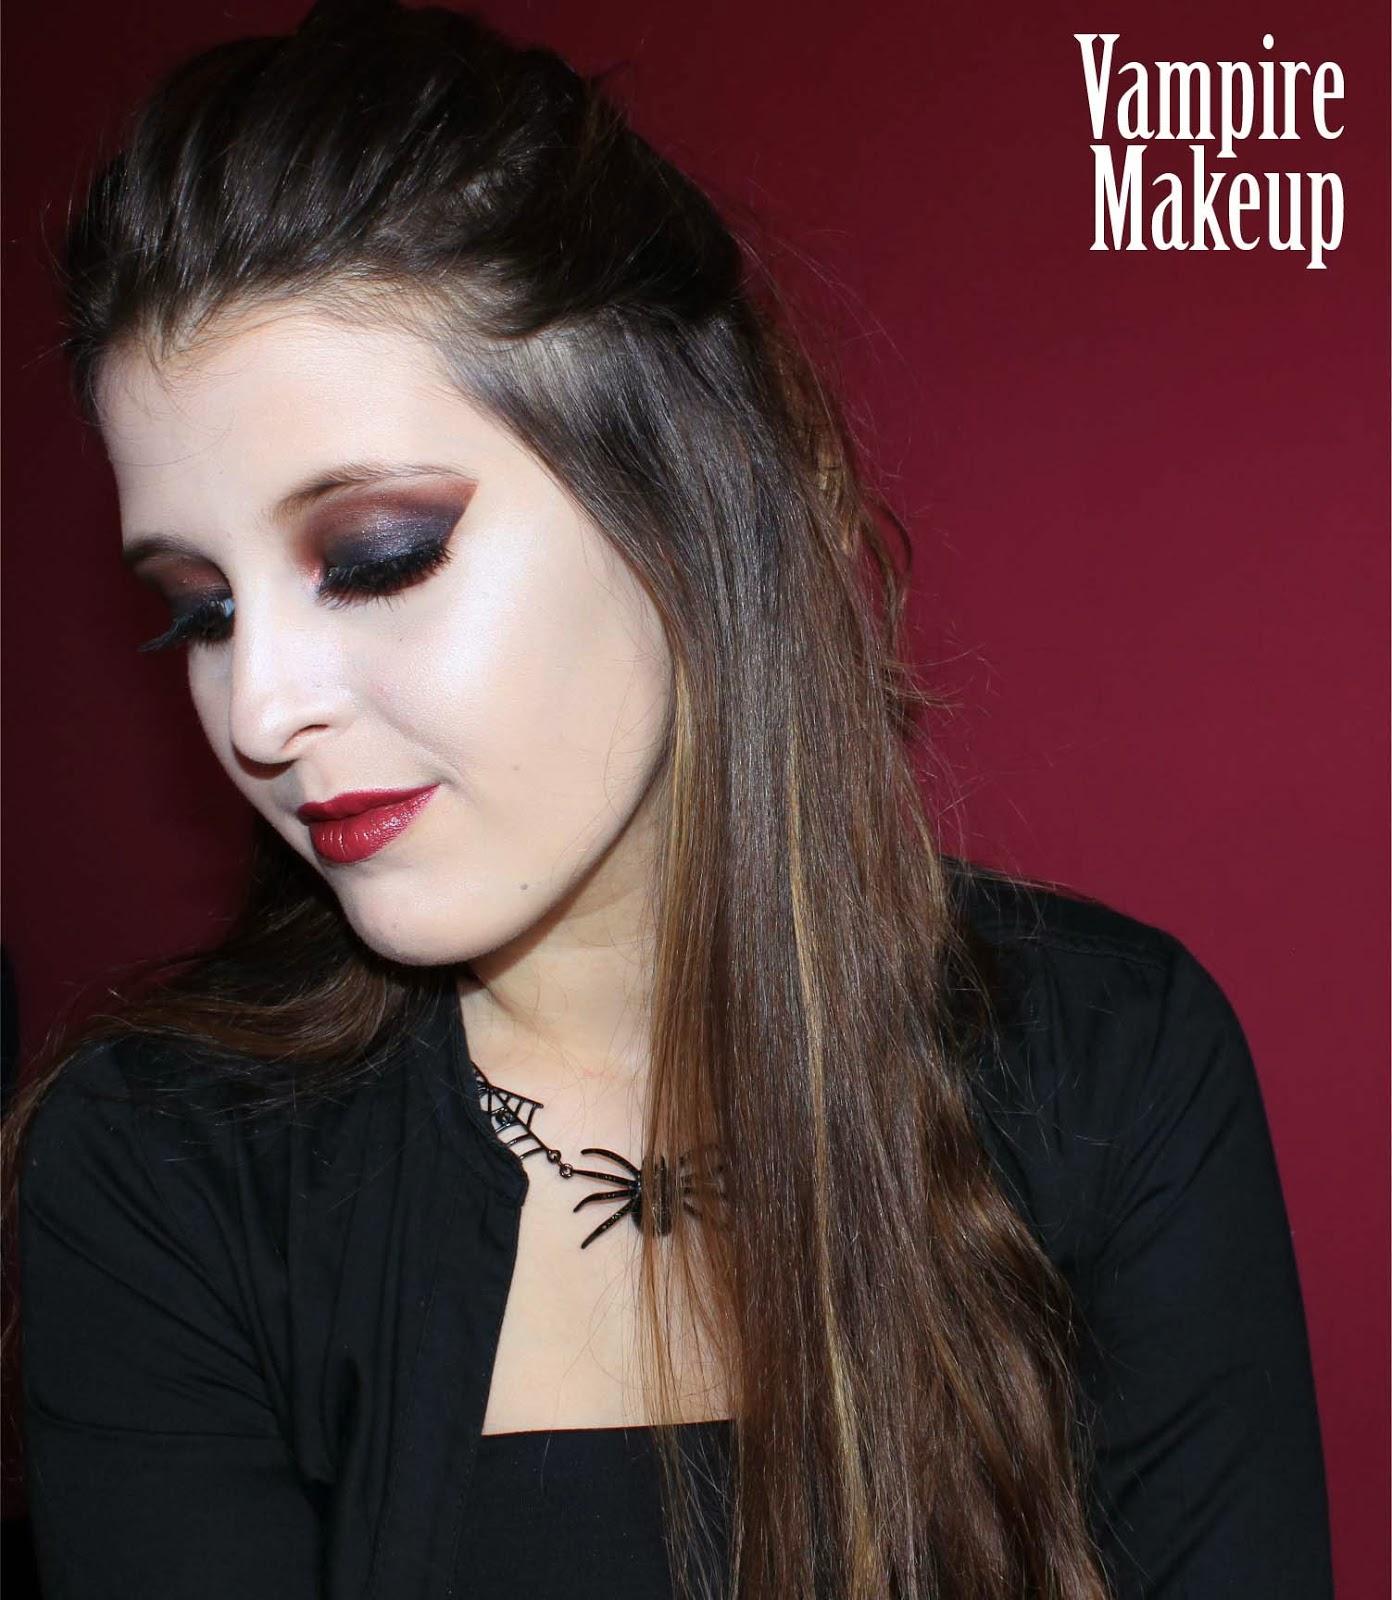 http://1.bp.blogspot.com/-3MxrYSeuxL8/Umg_QQazknI/AAAAAAAAHMU/sSG3In6v5uk/s1600/vampire+c%C3%B3pia.jpg